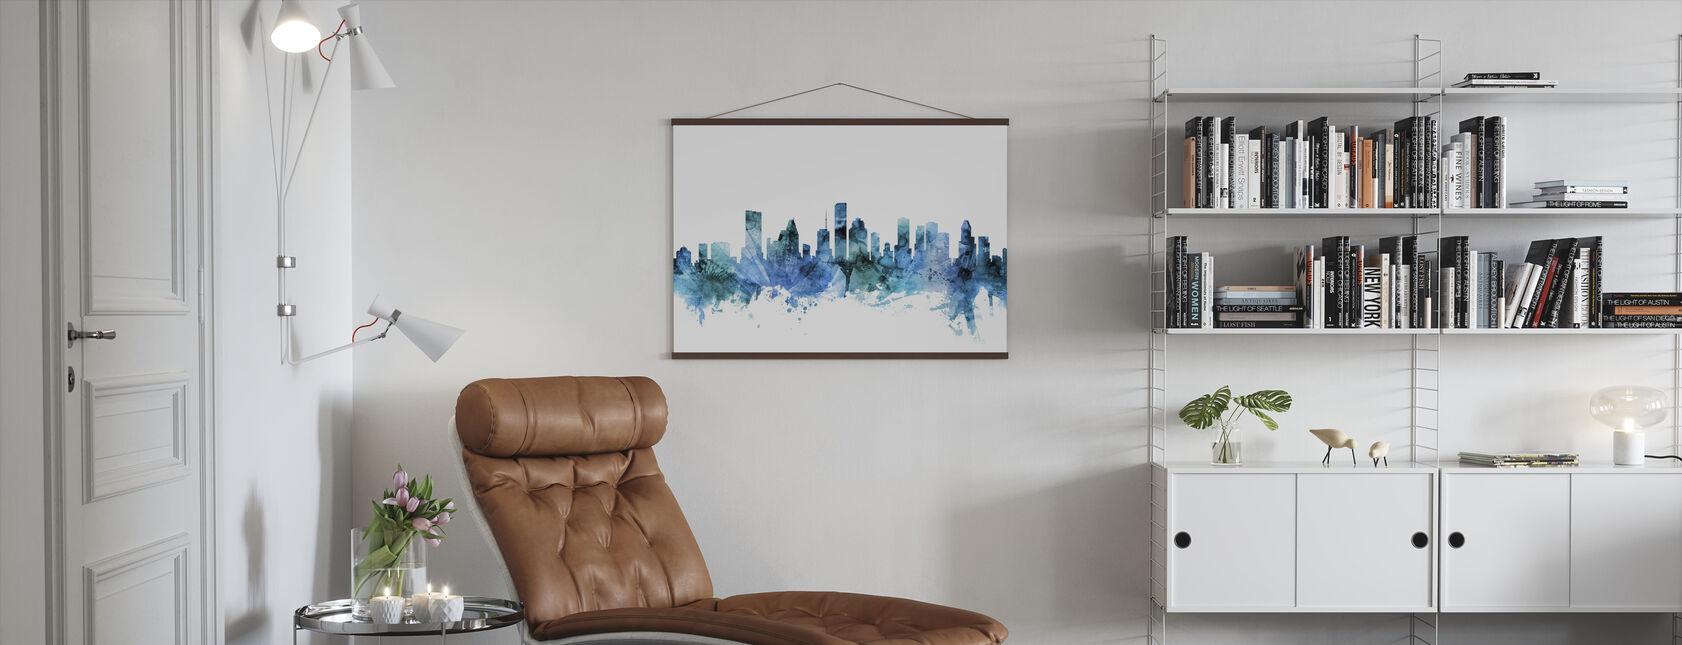 Houston Texas Skyline - Plakat - Stue